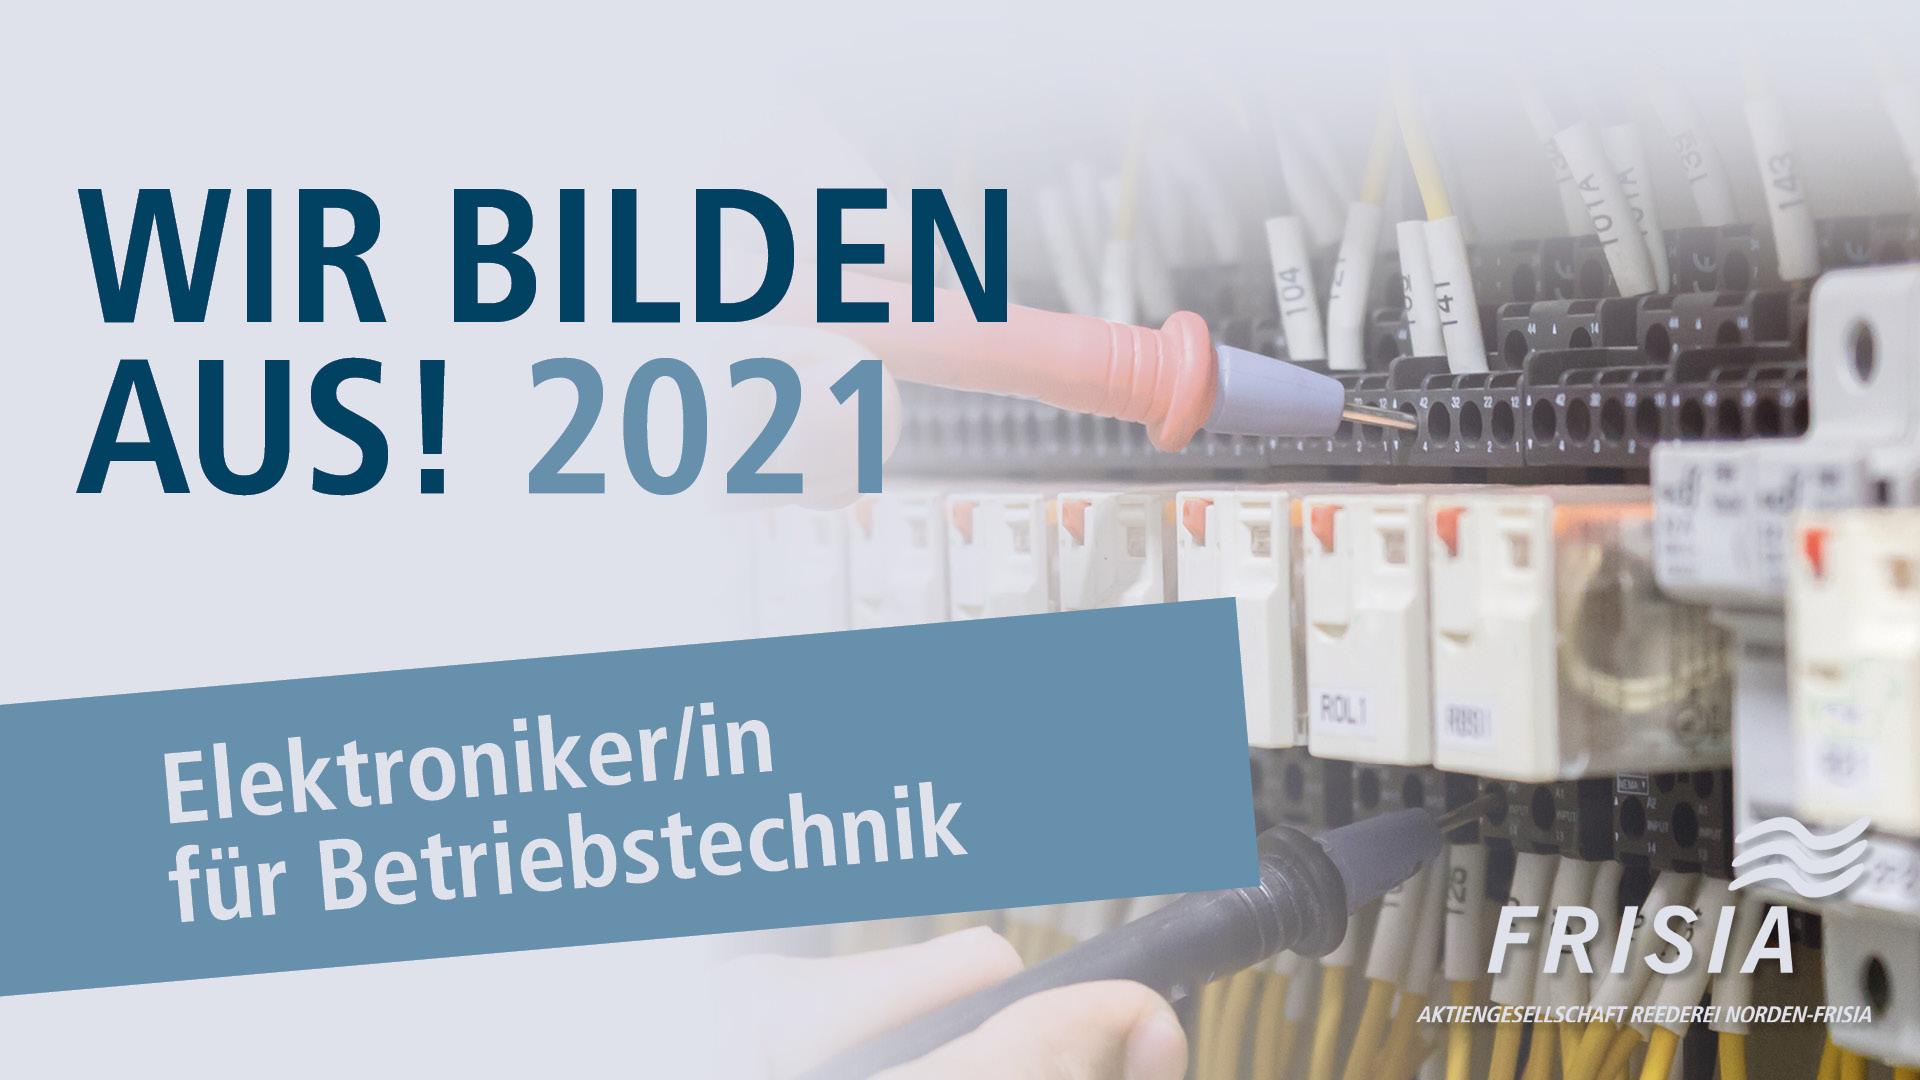 EL 20200929_7a012e61877665462786f082a5353496.jpg – AG Reederei Norden-Frisia